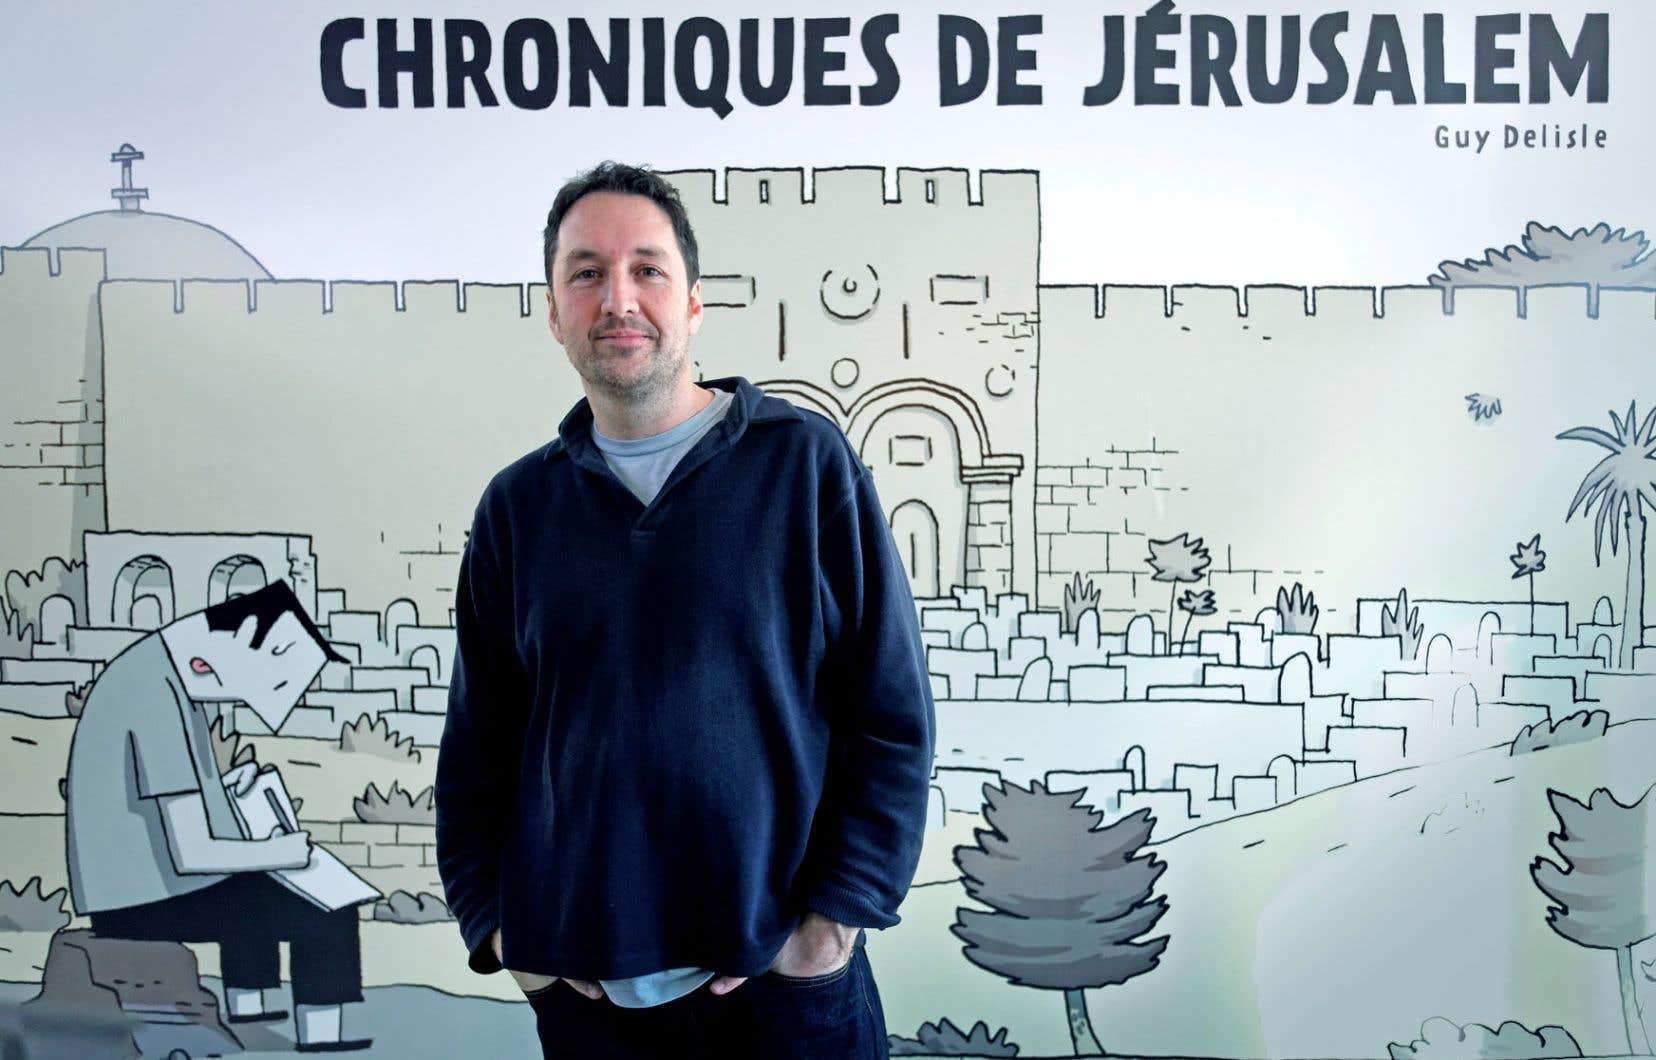 Au Québec, Guy Delisle a, avec ses Chroniques de Jérusalem, exploité le dessin documentaire.